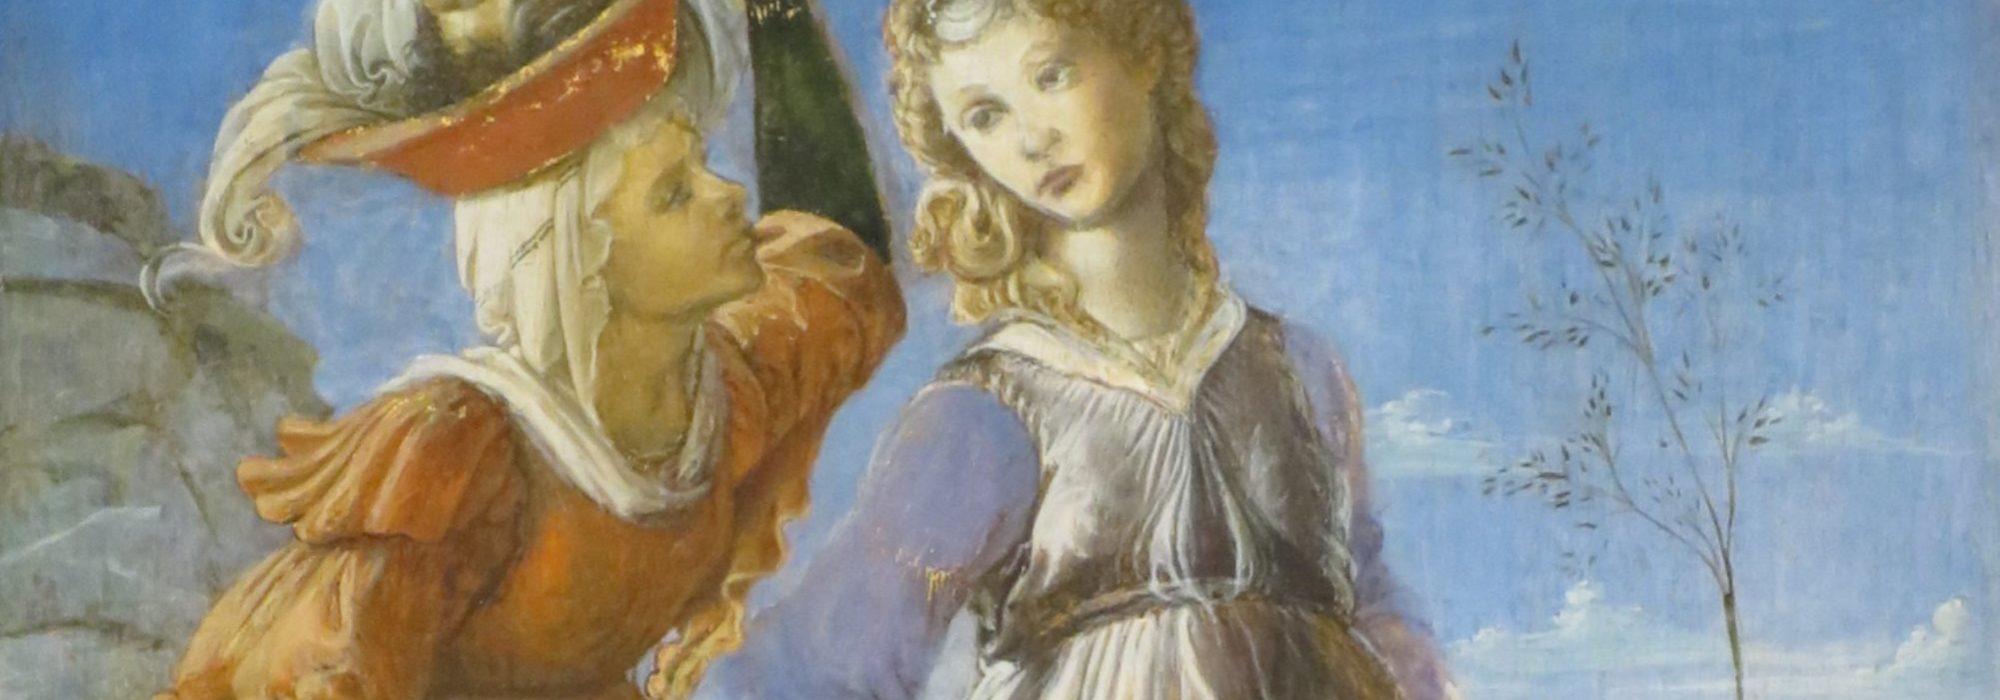 Imagem: Retorno de Judite a Betúlia (Botticelli, detalhe)